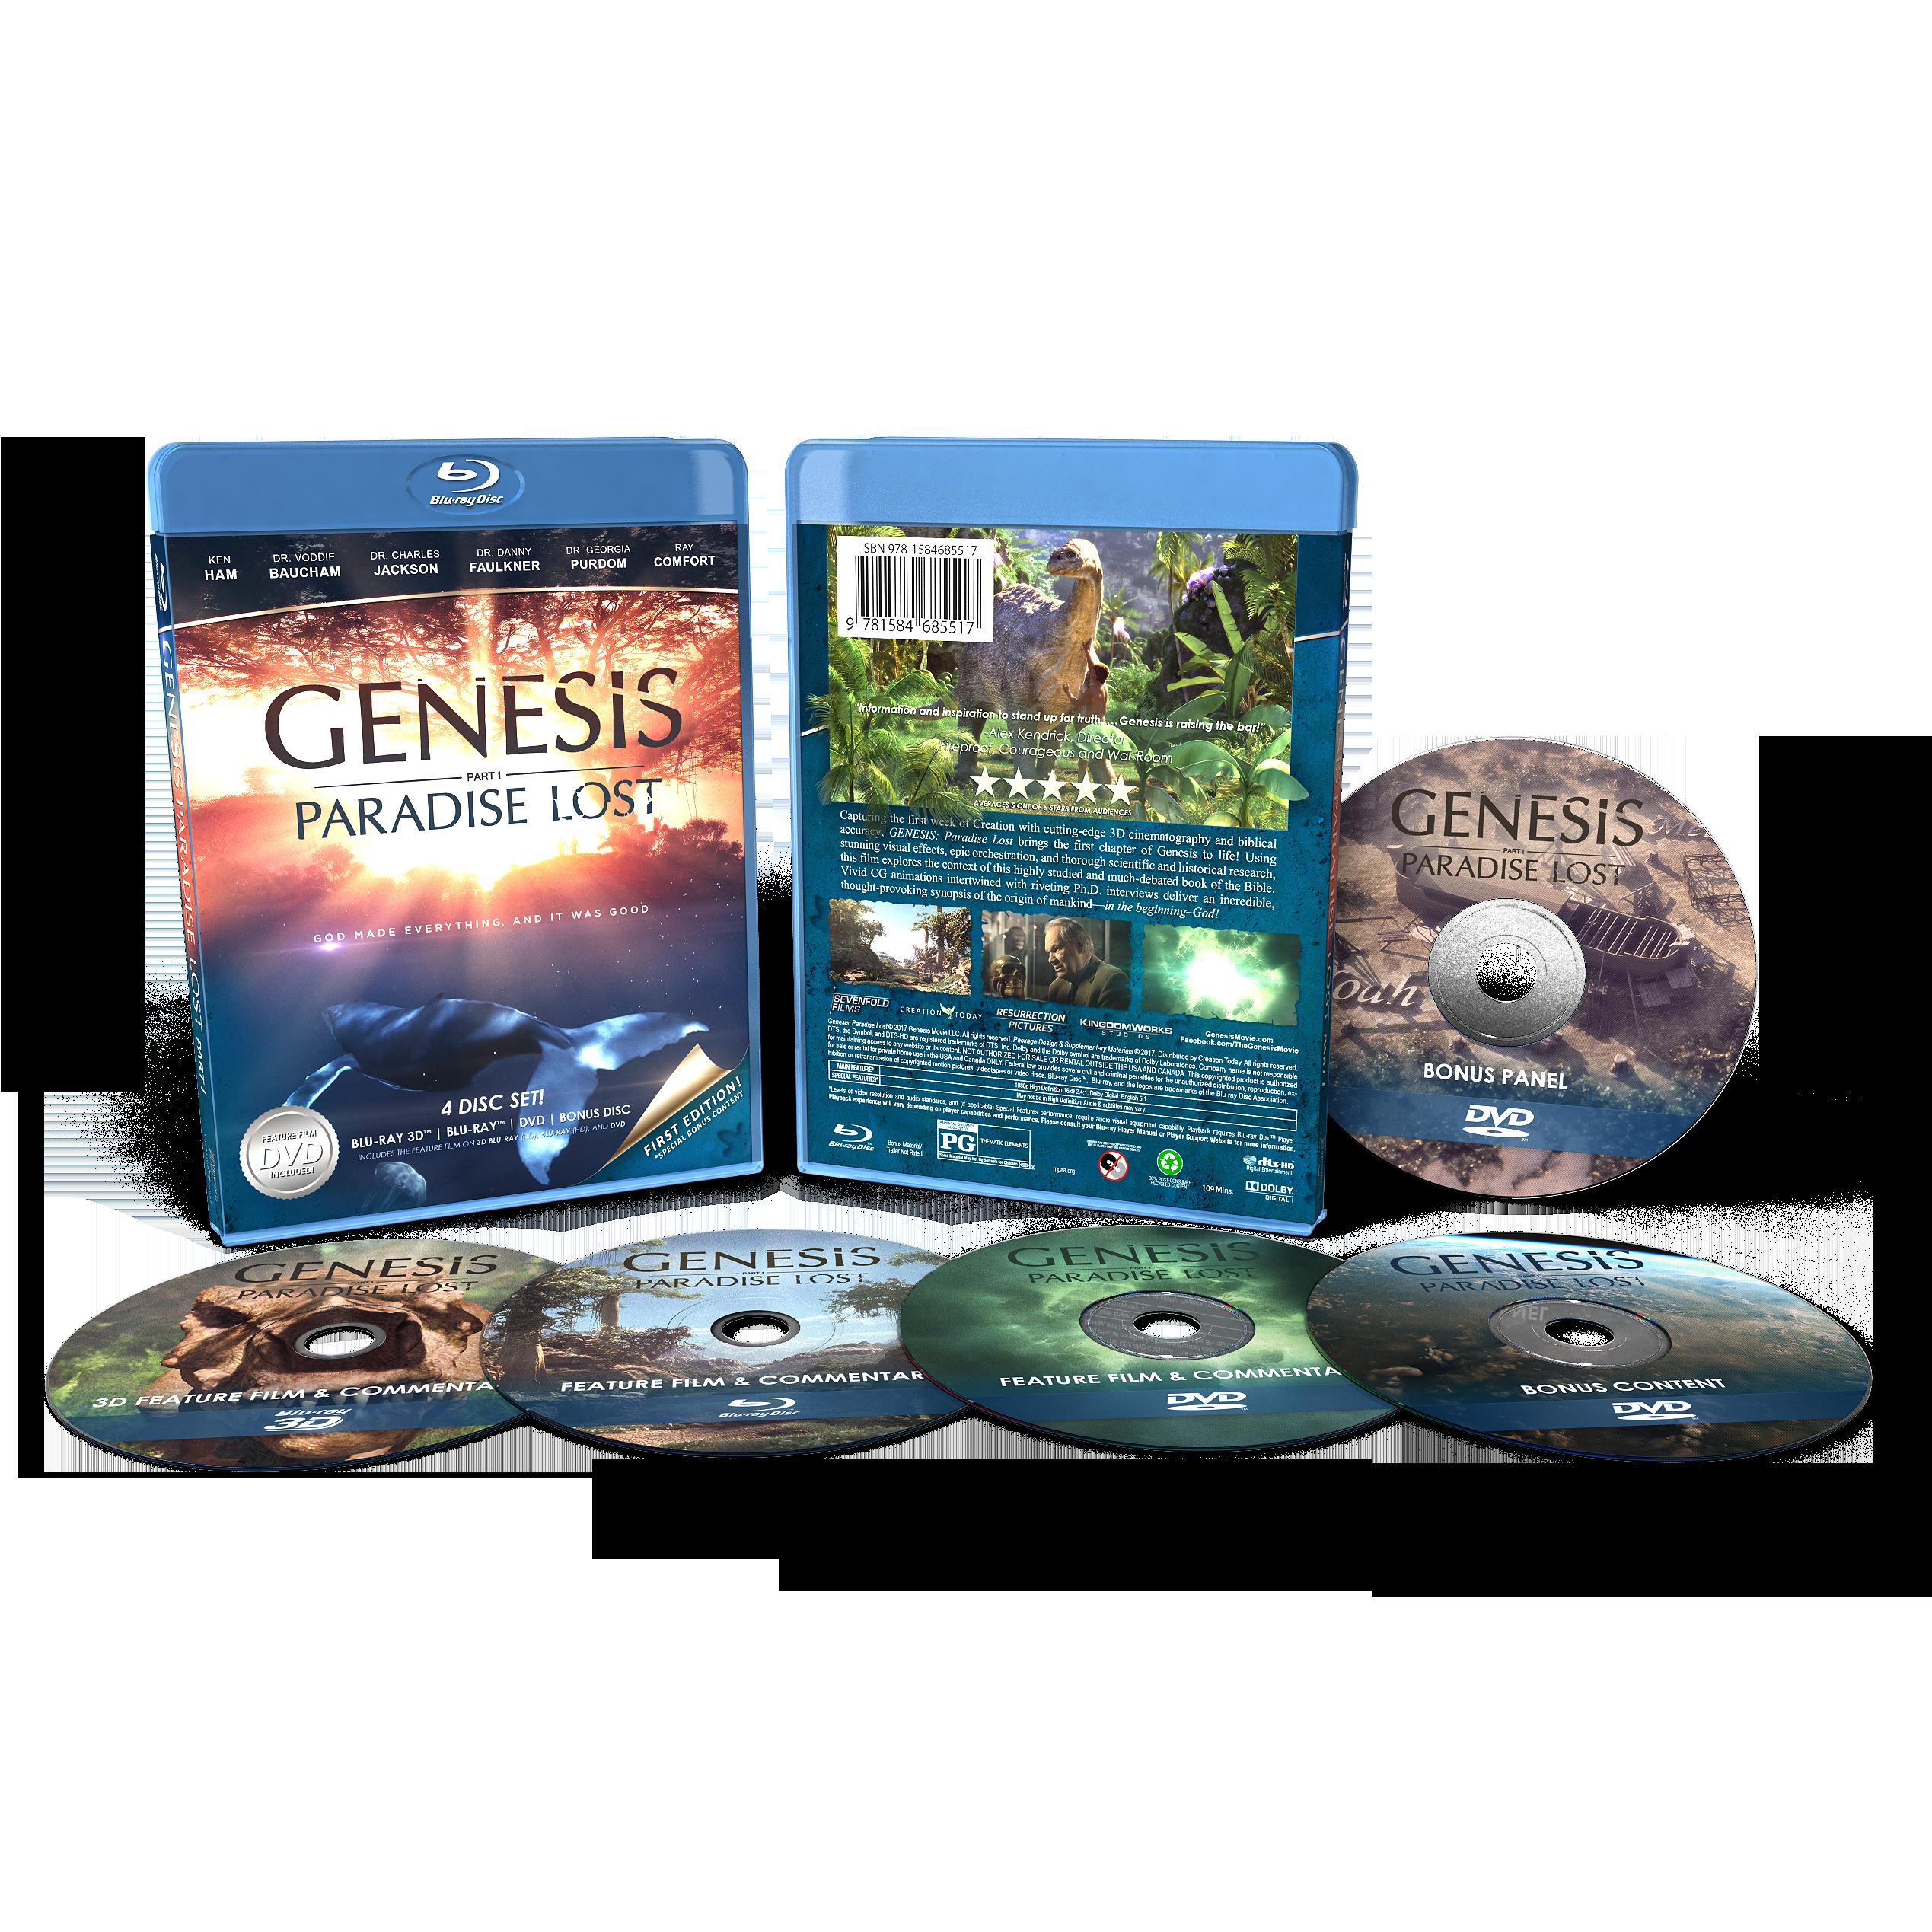 Genesis: Paradise Lost Blu Ray Bundle